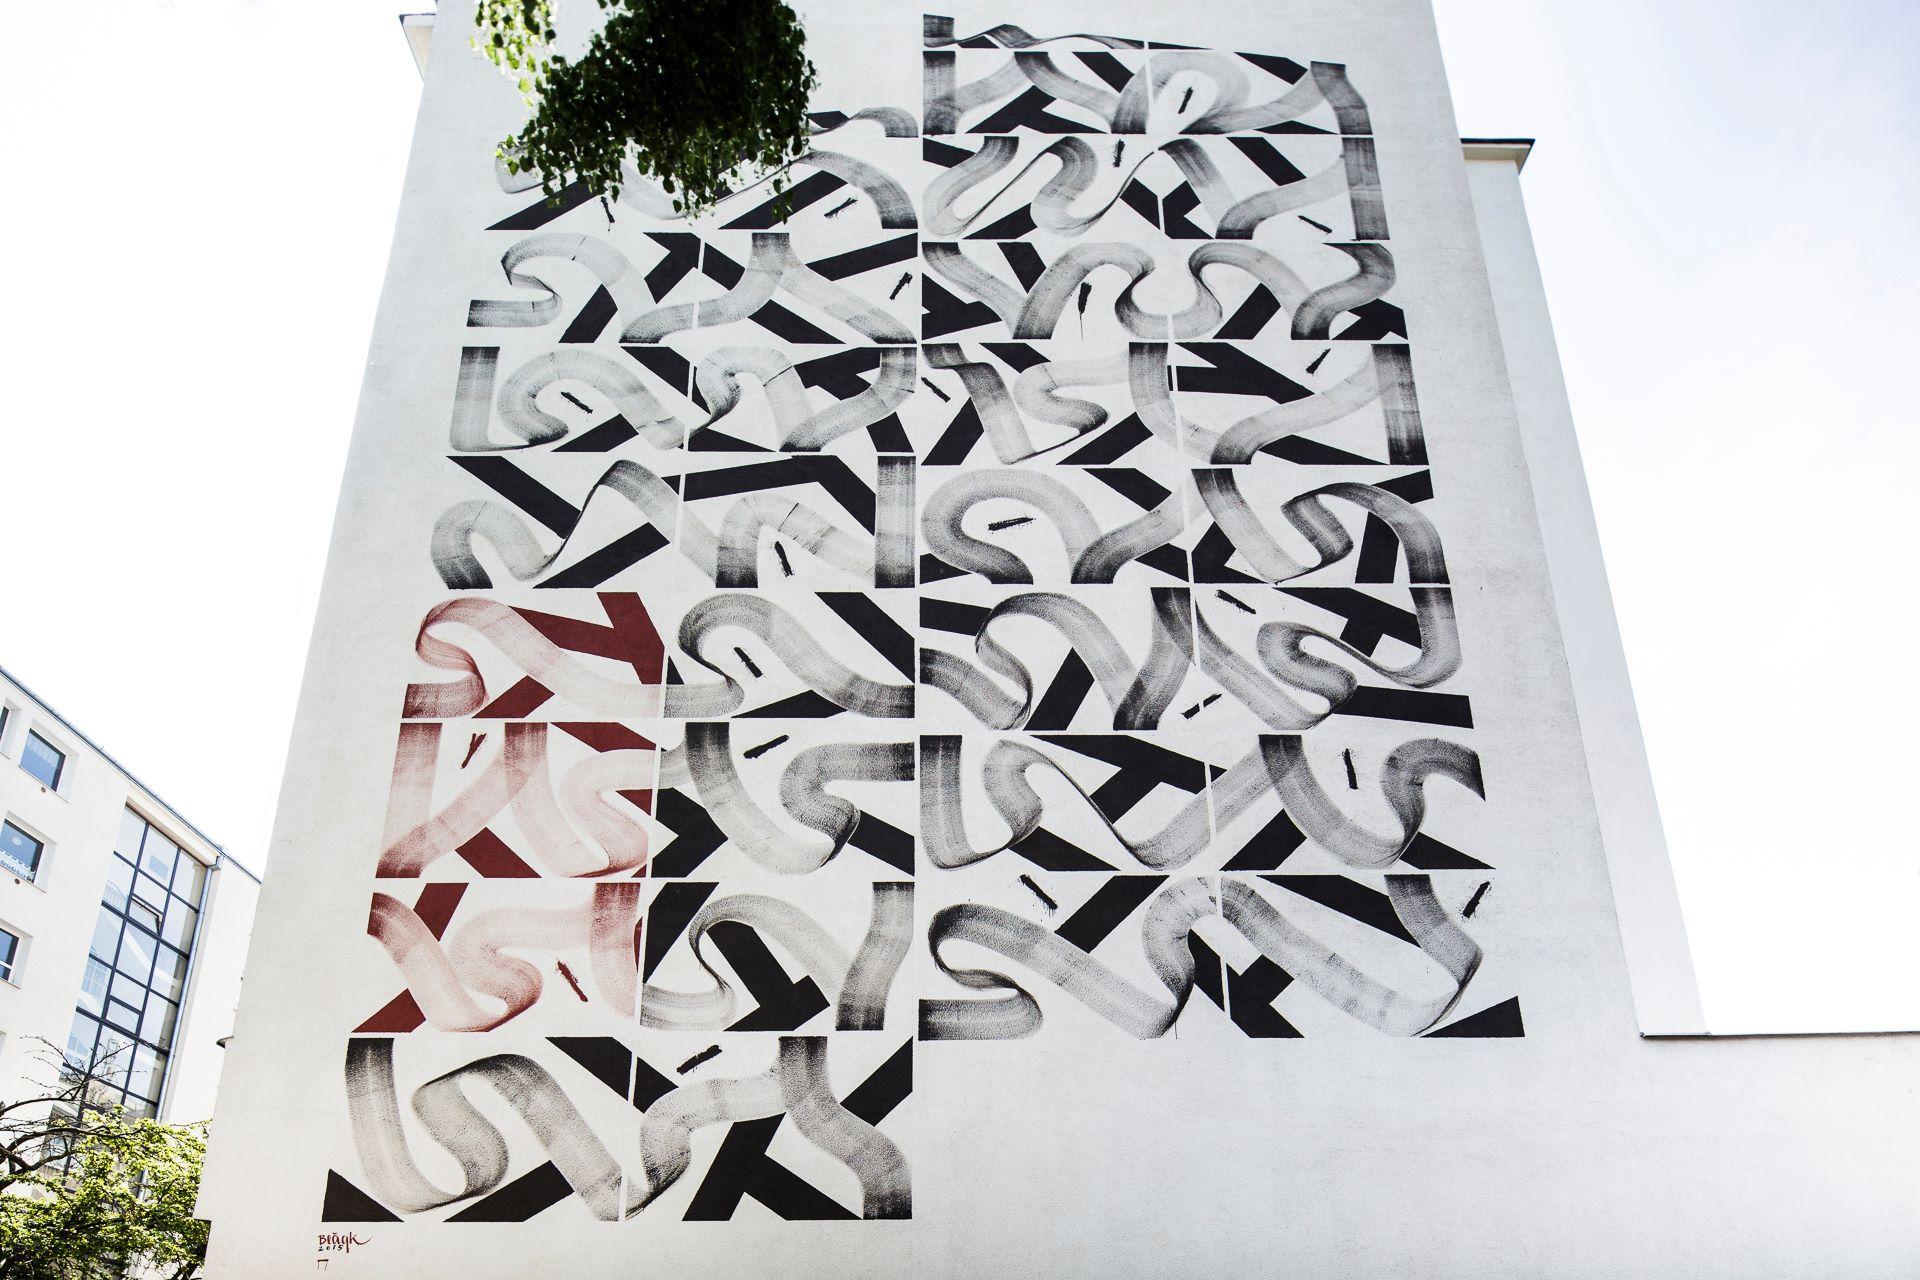 Ozdobny czarno-biały mural wykonany przez artystę o pseudonimie Blaqk.